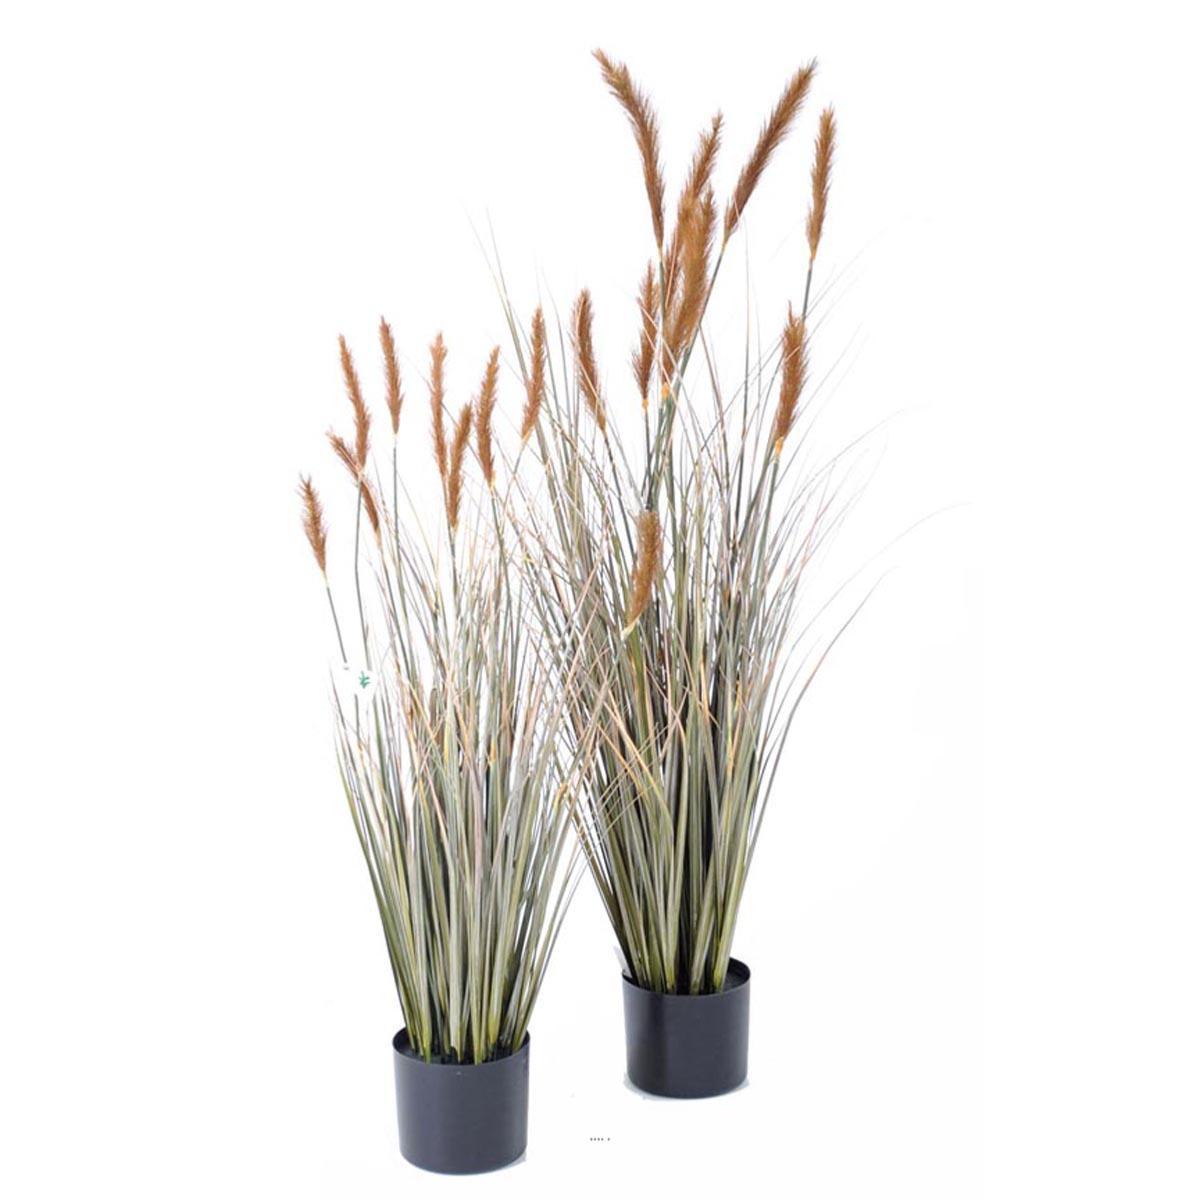 Plantes Fleuries En Pot Exterieur graminee en pot artificielle plante d eau avec quenouilles h 90 cm d 30 cm  caramel